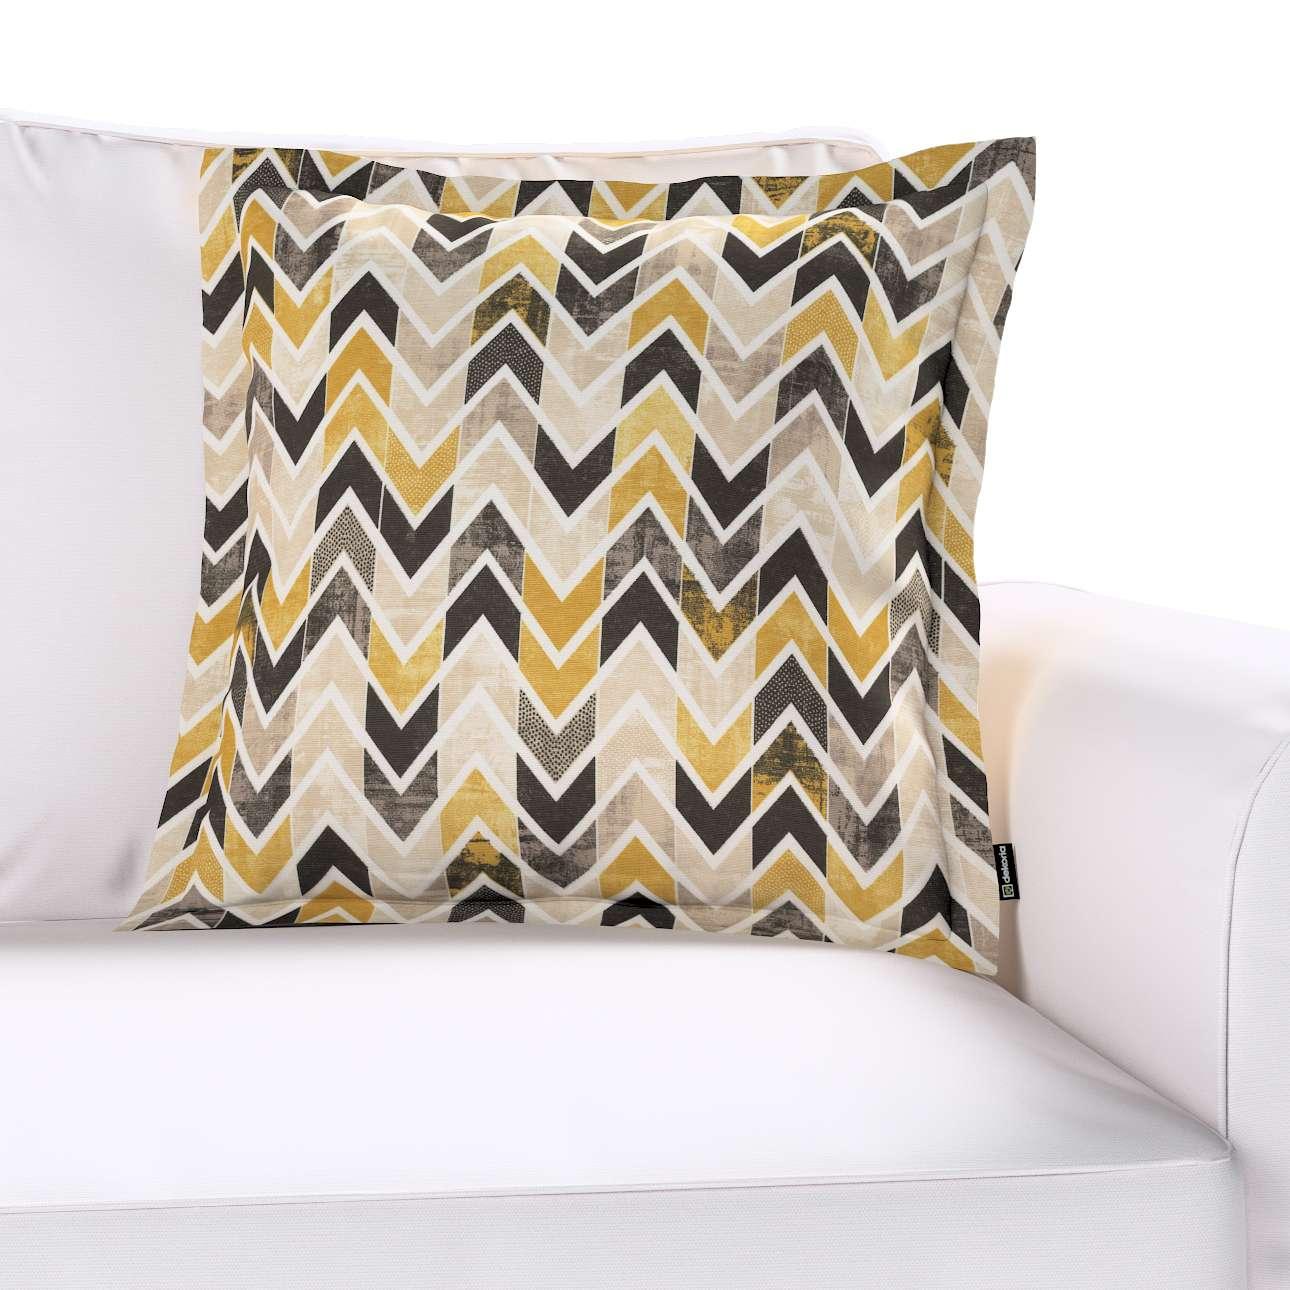 Poszewka Mona na poduszkę w kolekcji Modern, tkanina: 142-79